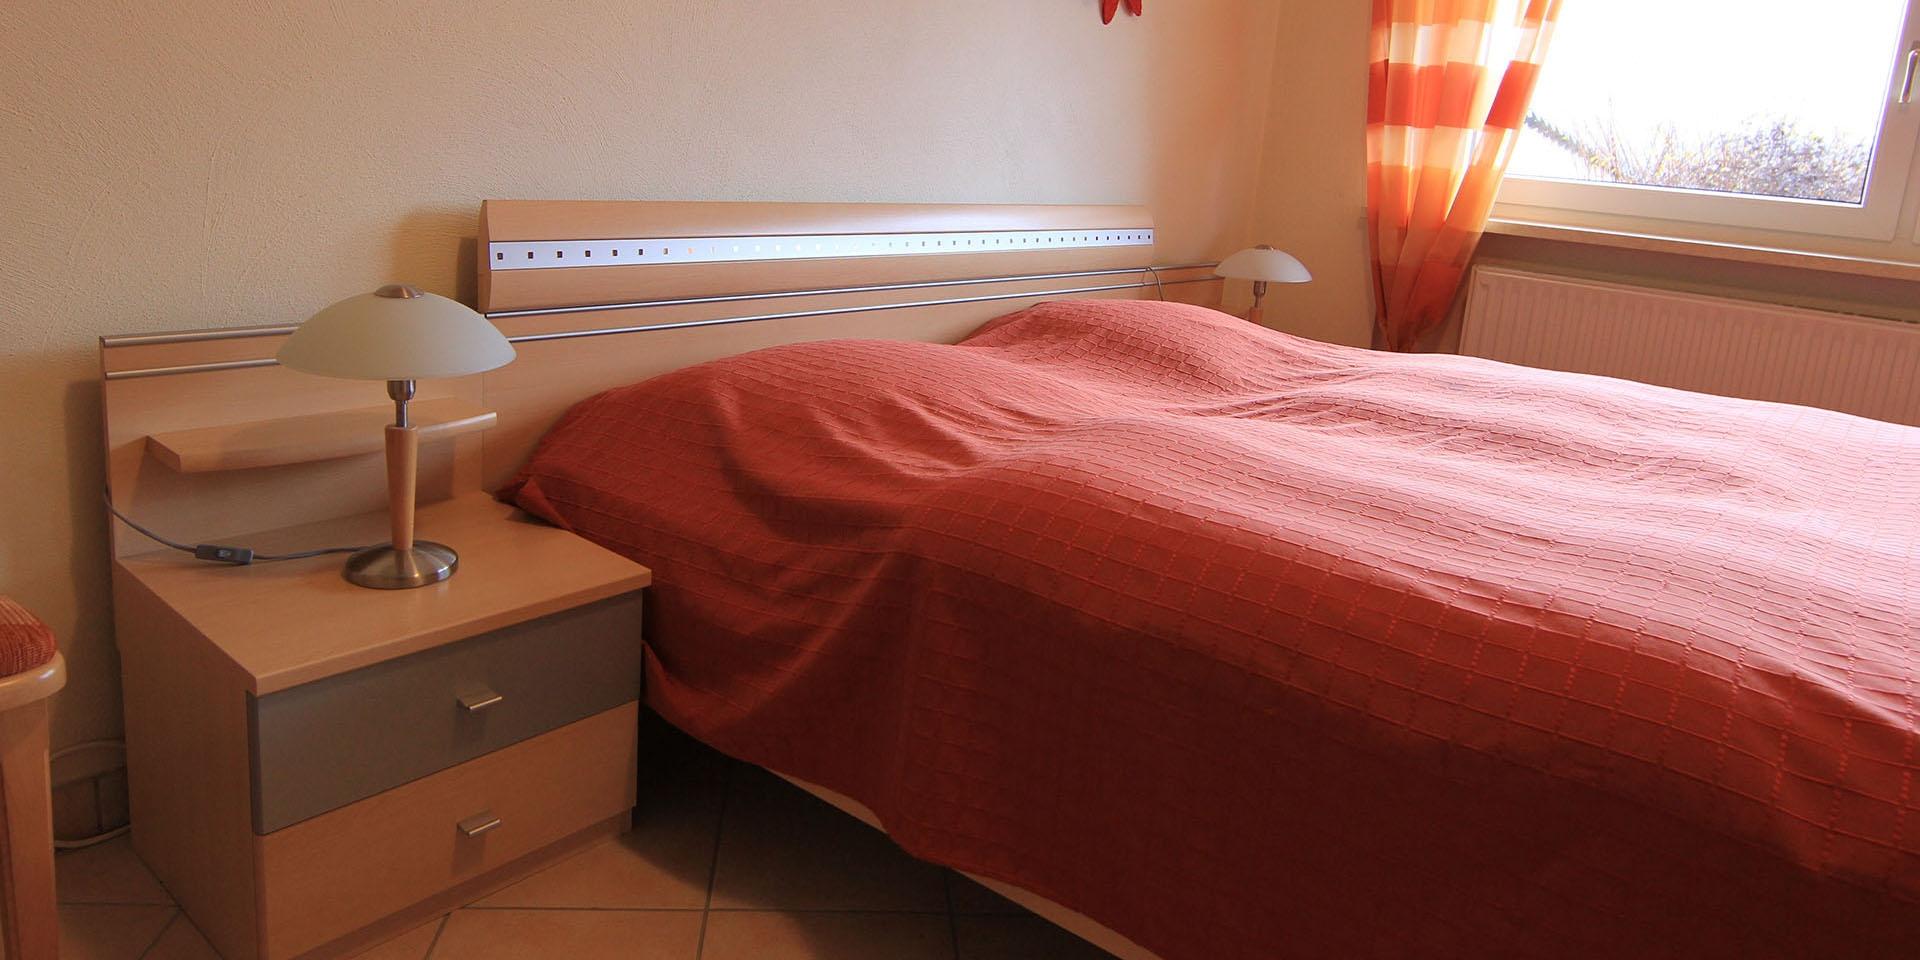 Mit großem Bett und Kleiderschrank